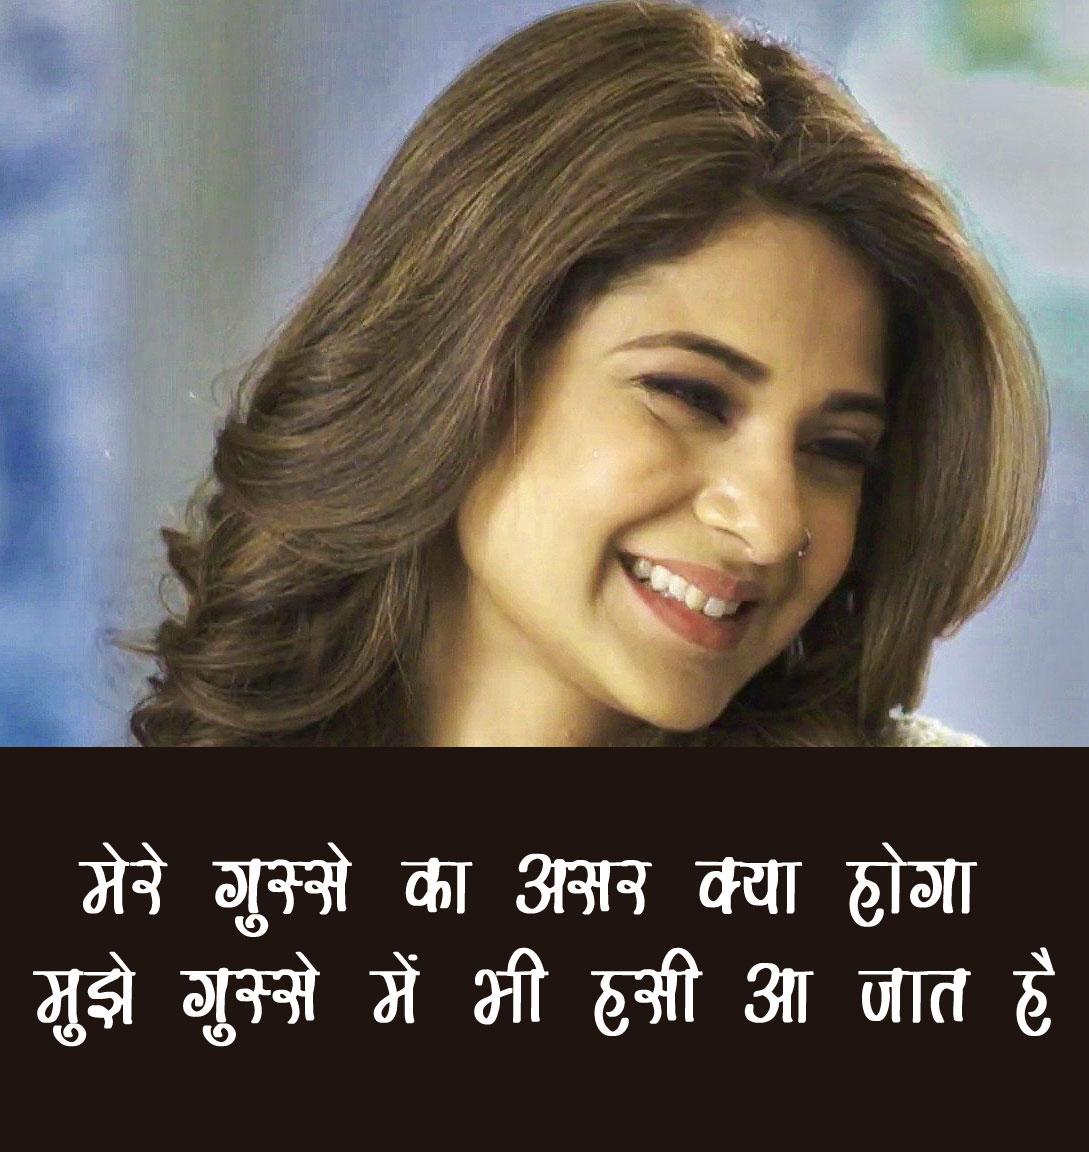 Love Whatsapp Status Images In Hindi 3